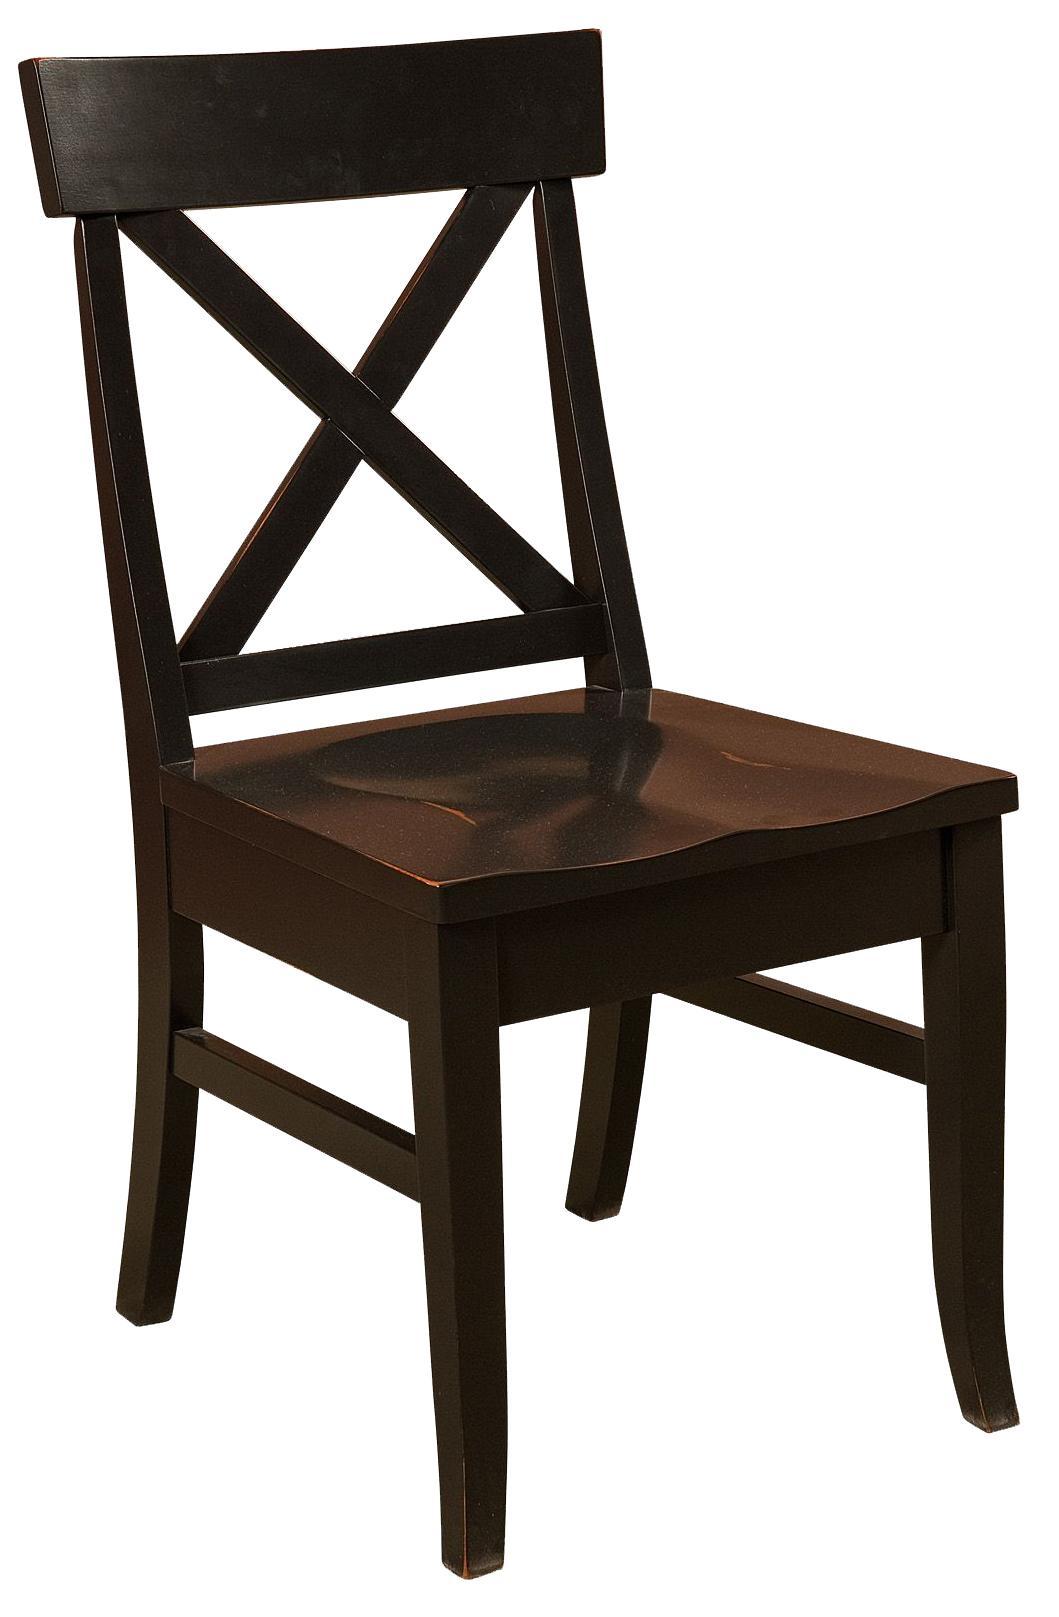 Bar Chairs Richmond Bar Chair at Williams & Kay